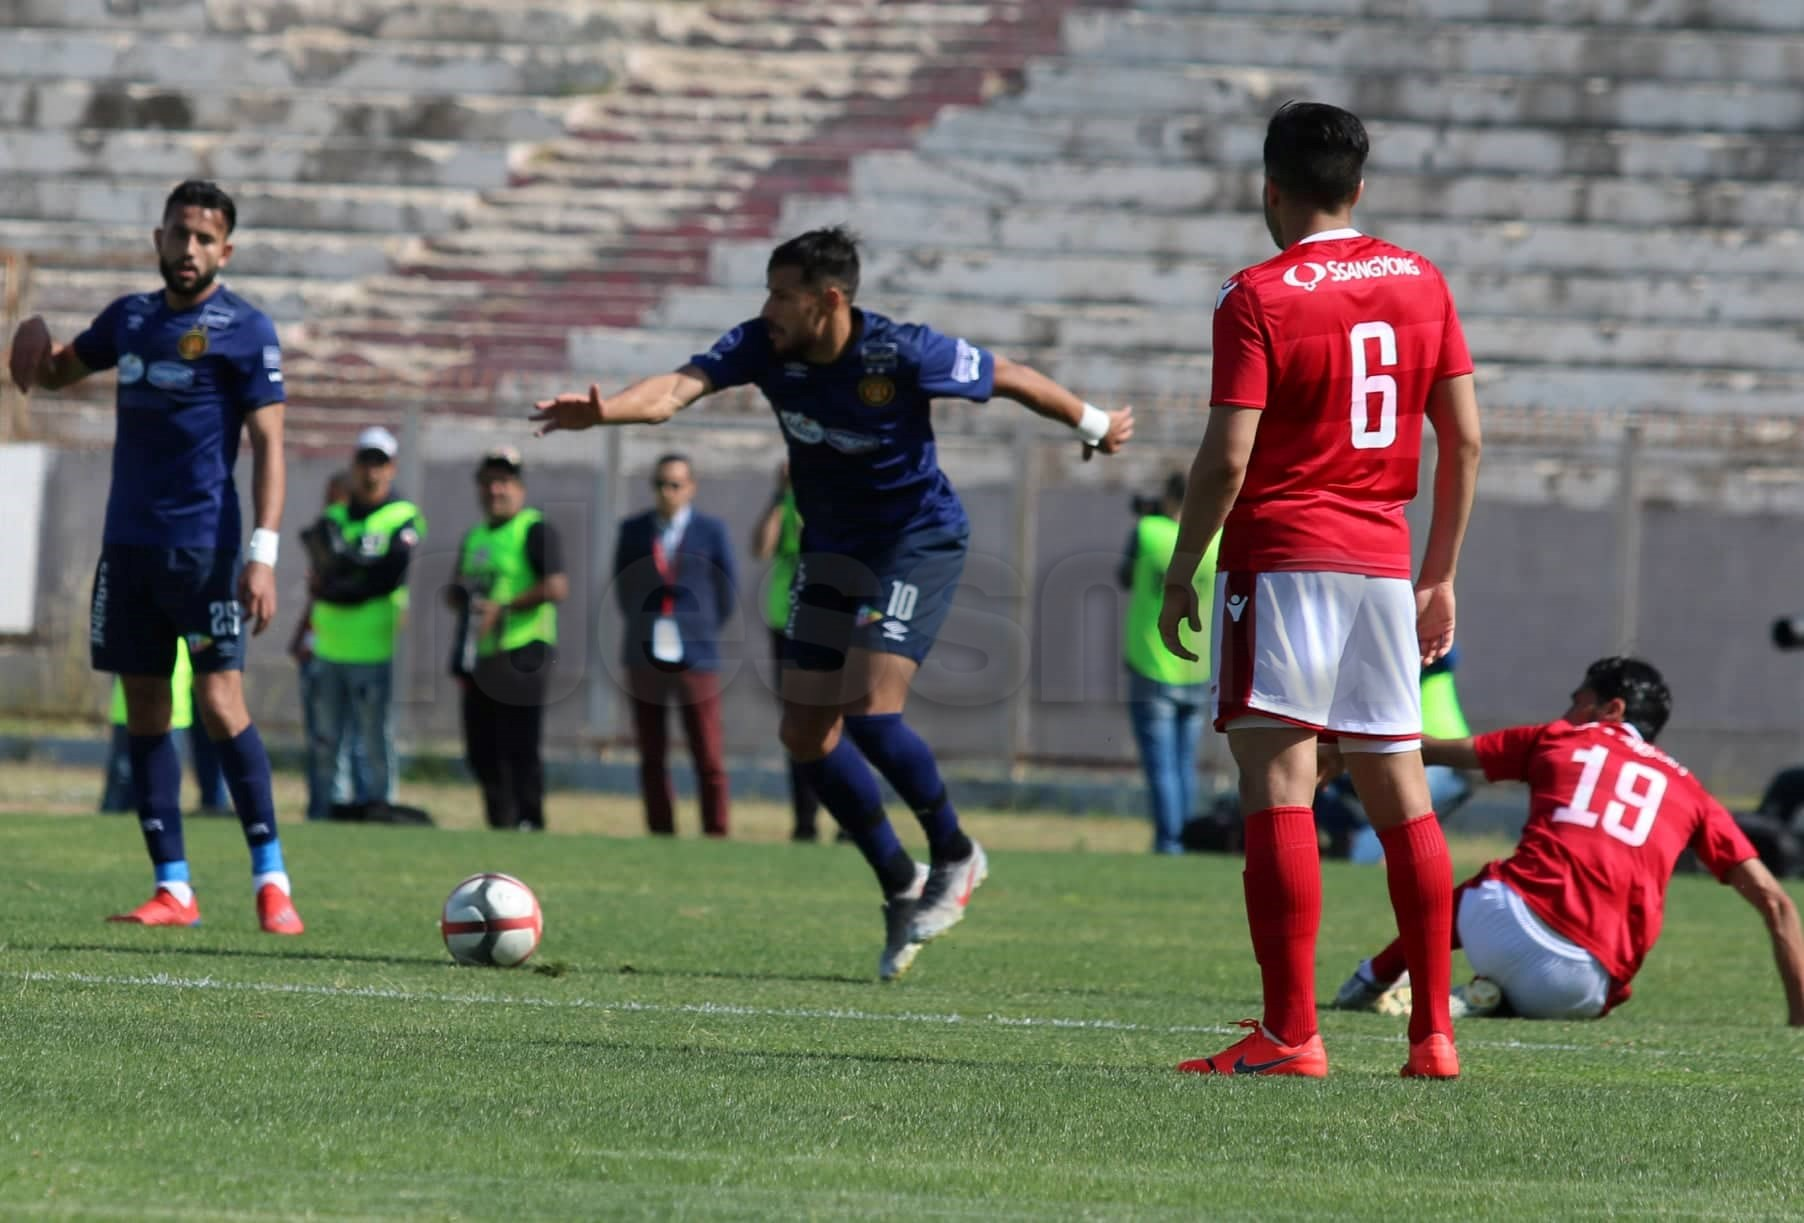 صور الشوط الاول من مباراة النجم الرياضي الساحلي والترجي الرياضي التونسي